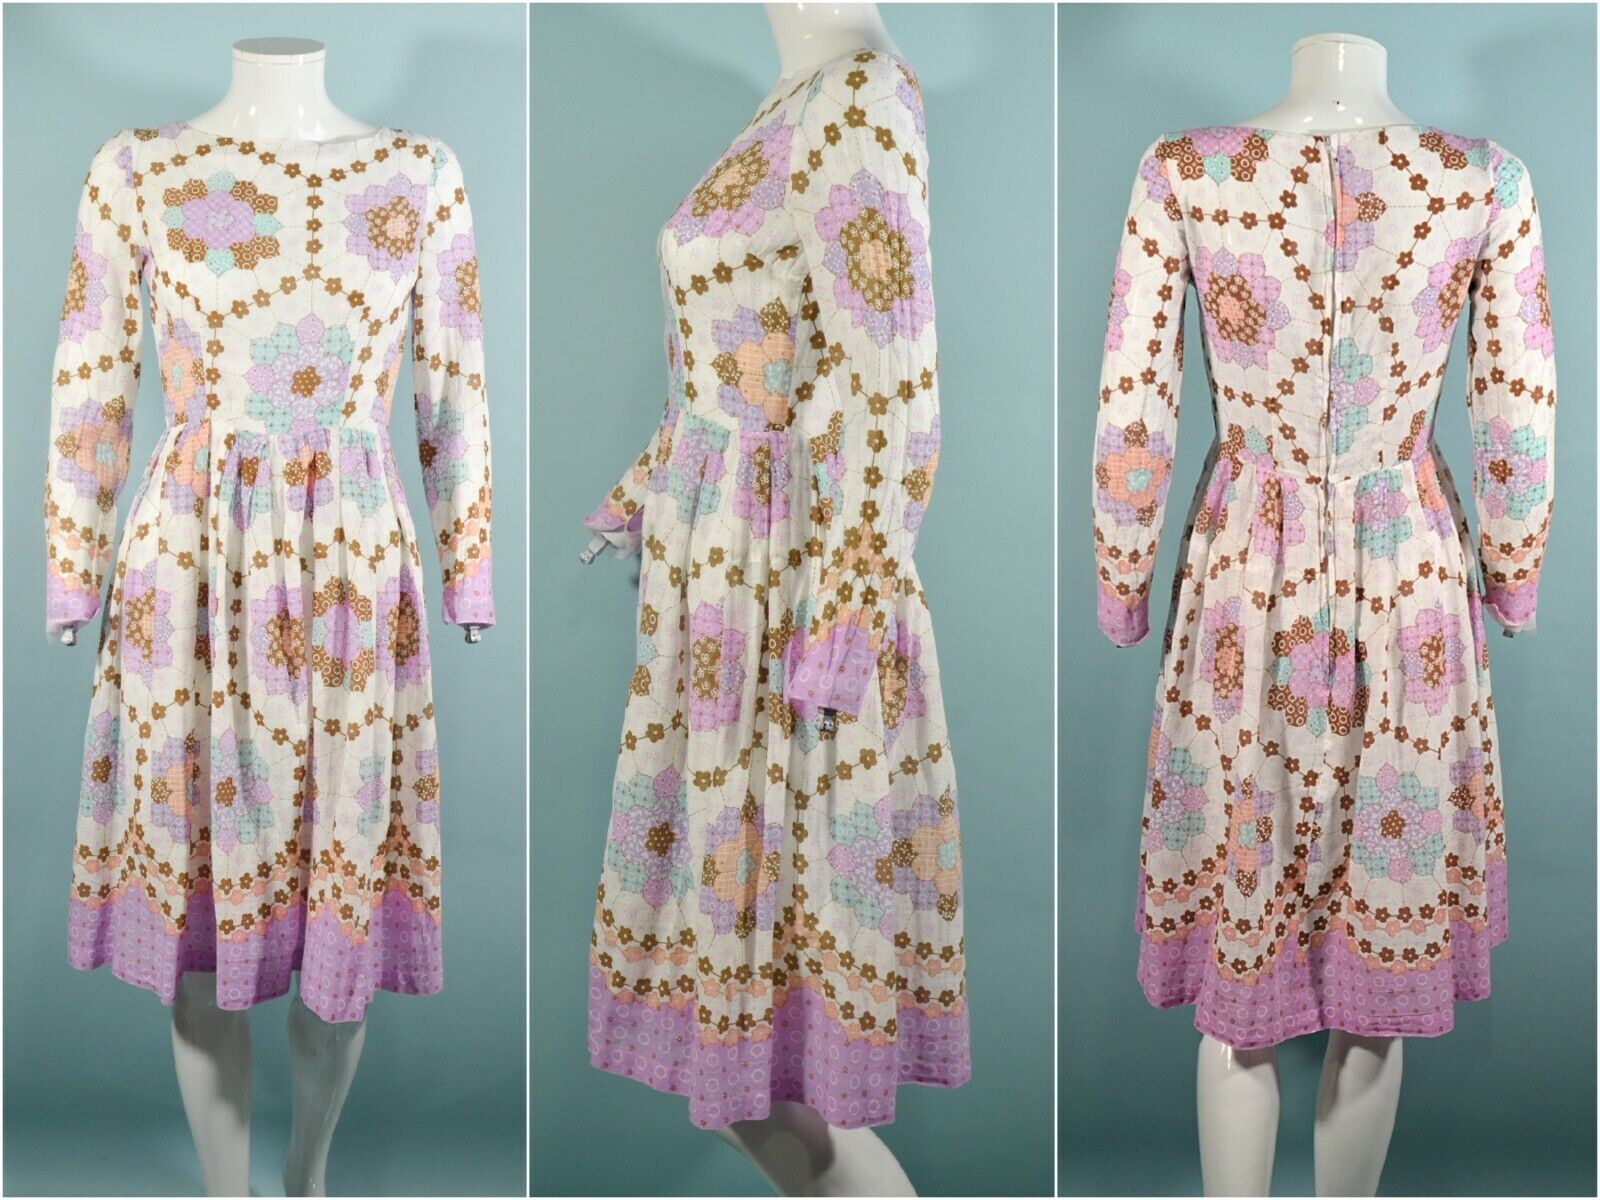 Vintage 60s/70s Faux Patchwork Hippie Dress, Cott… - image 1